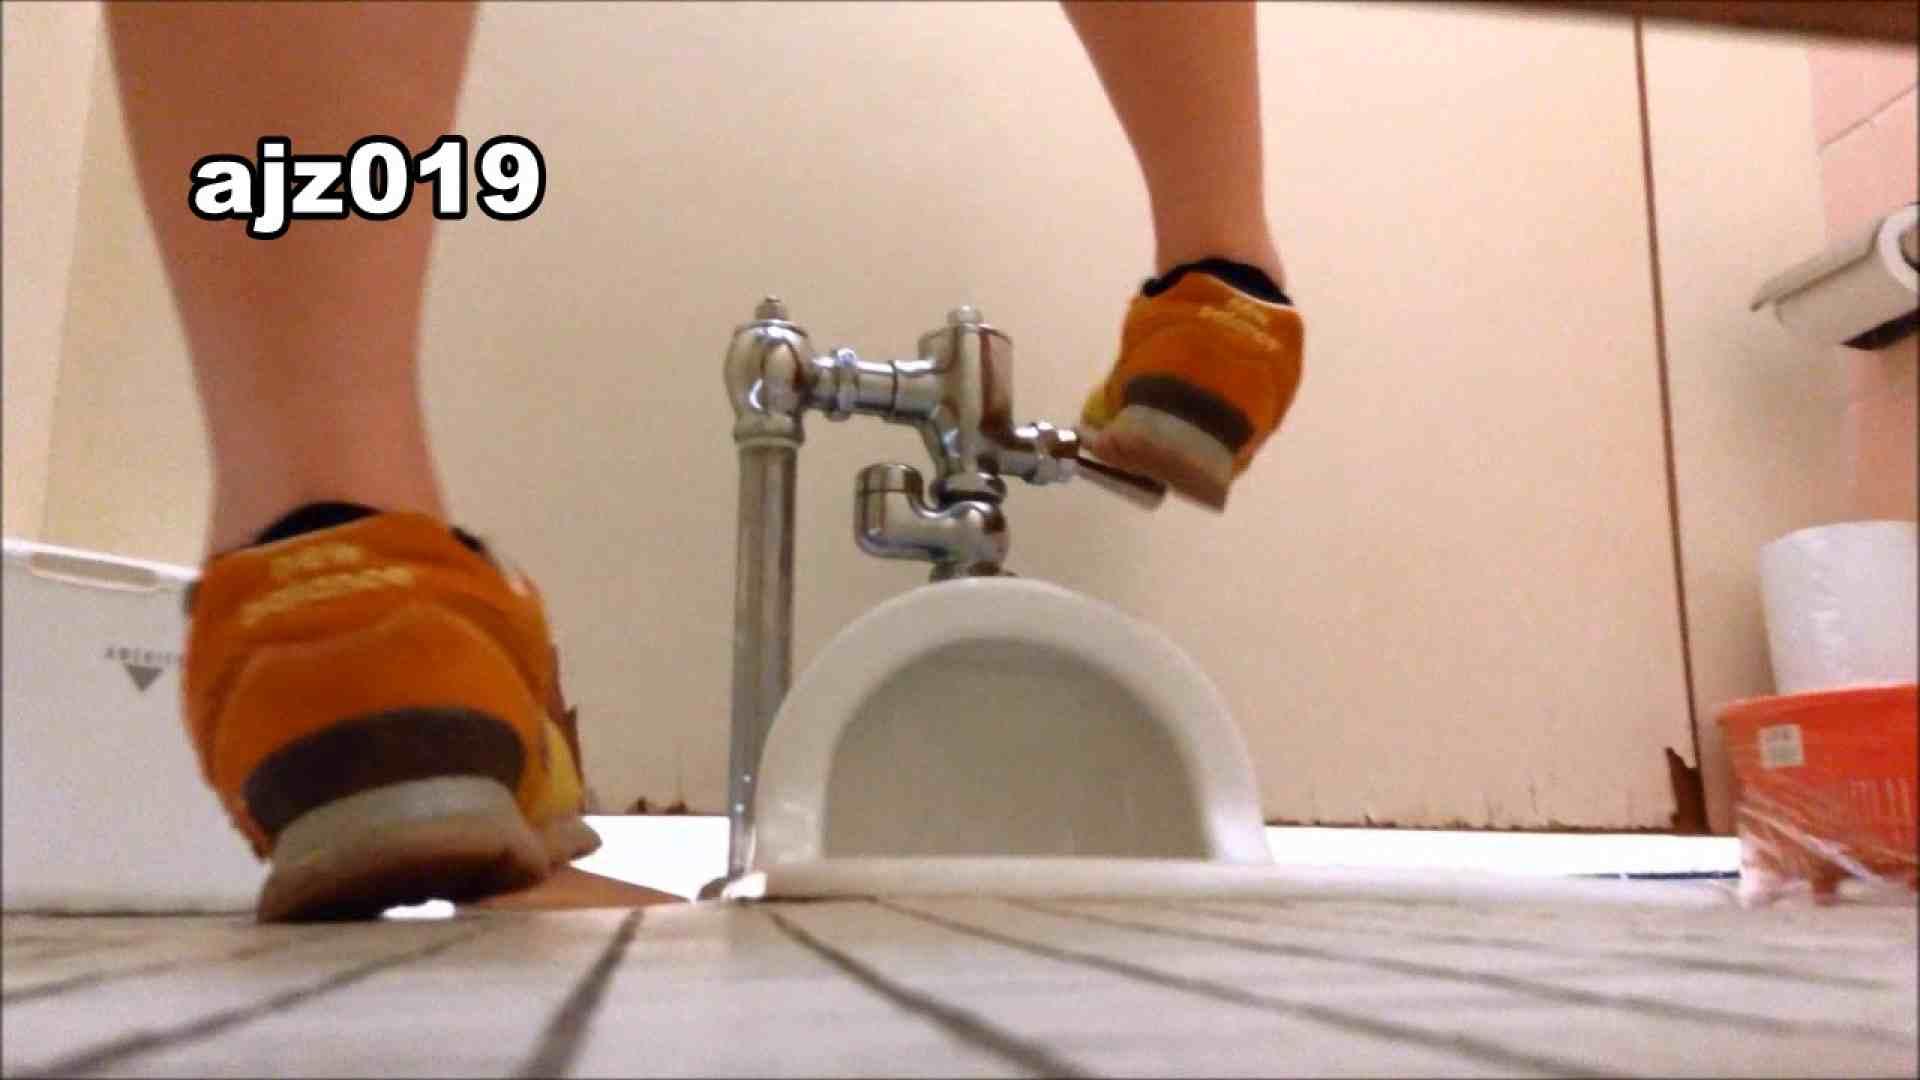 某有名大学女性洗面所 vol.19 OLエロ画像 のぞきエロ無料画像 109PICs 26